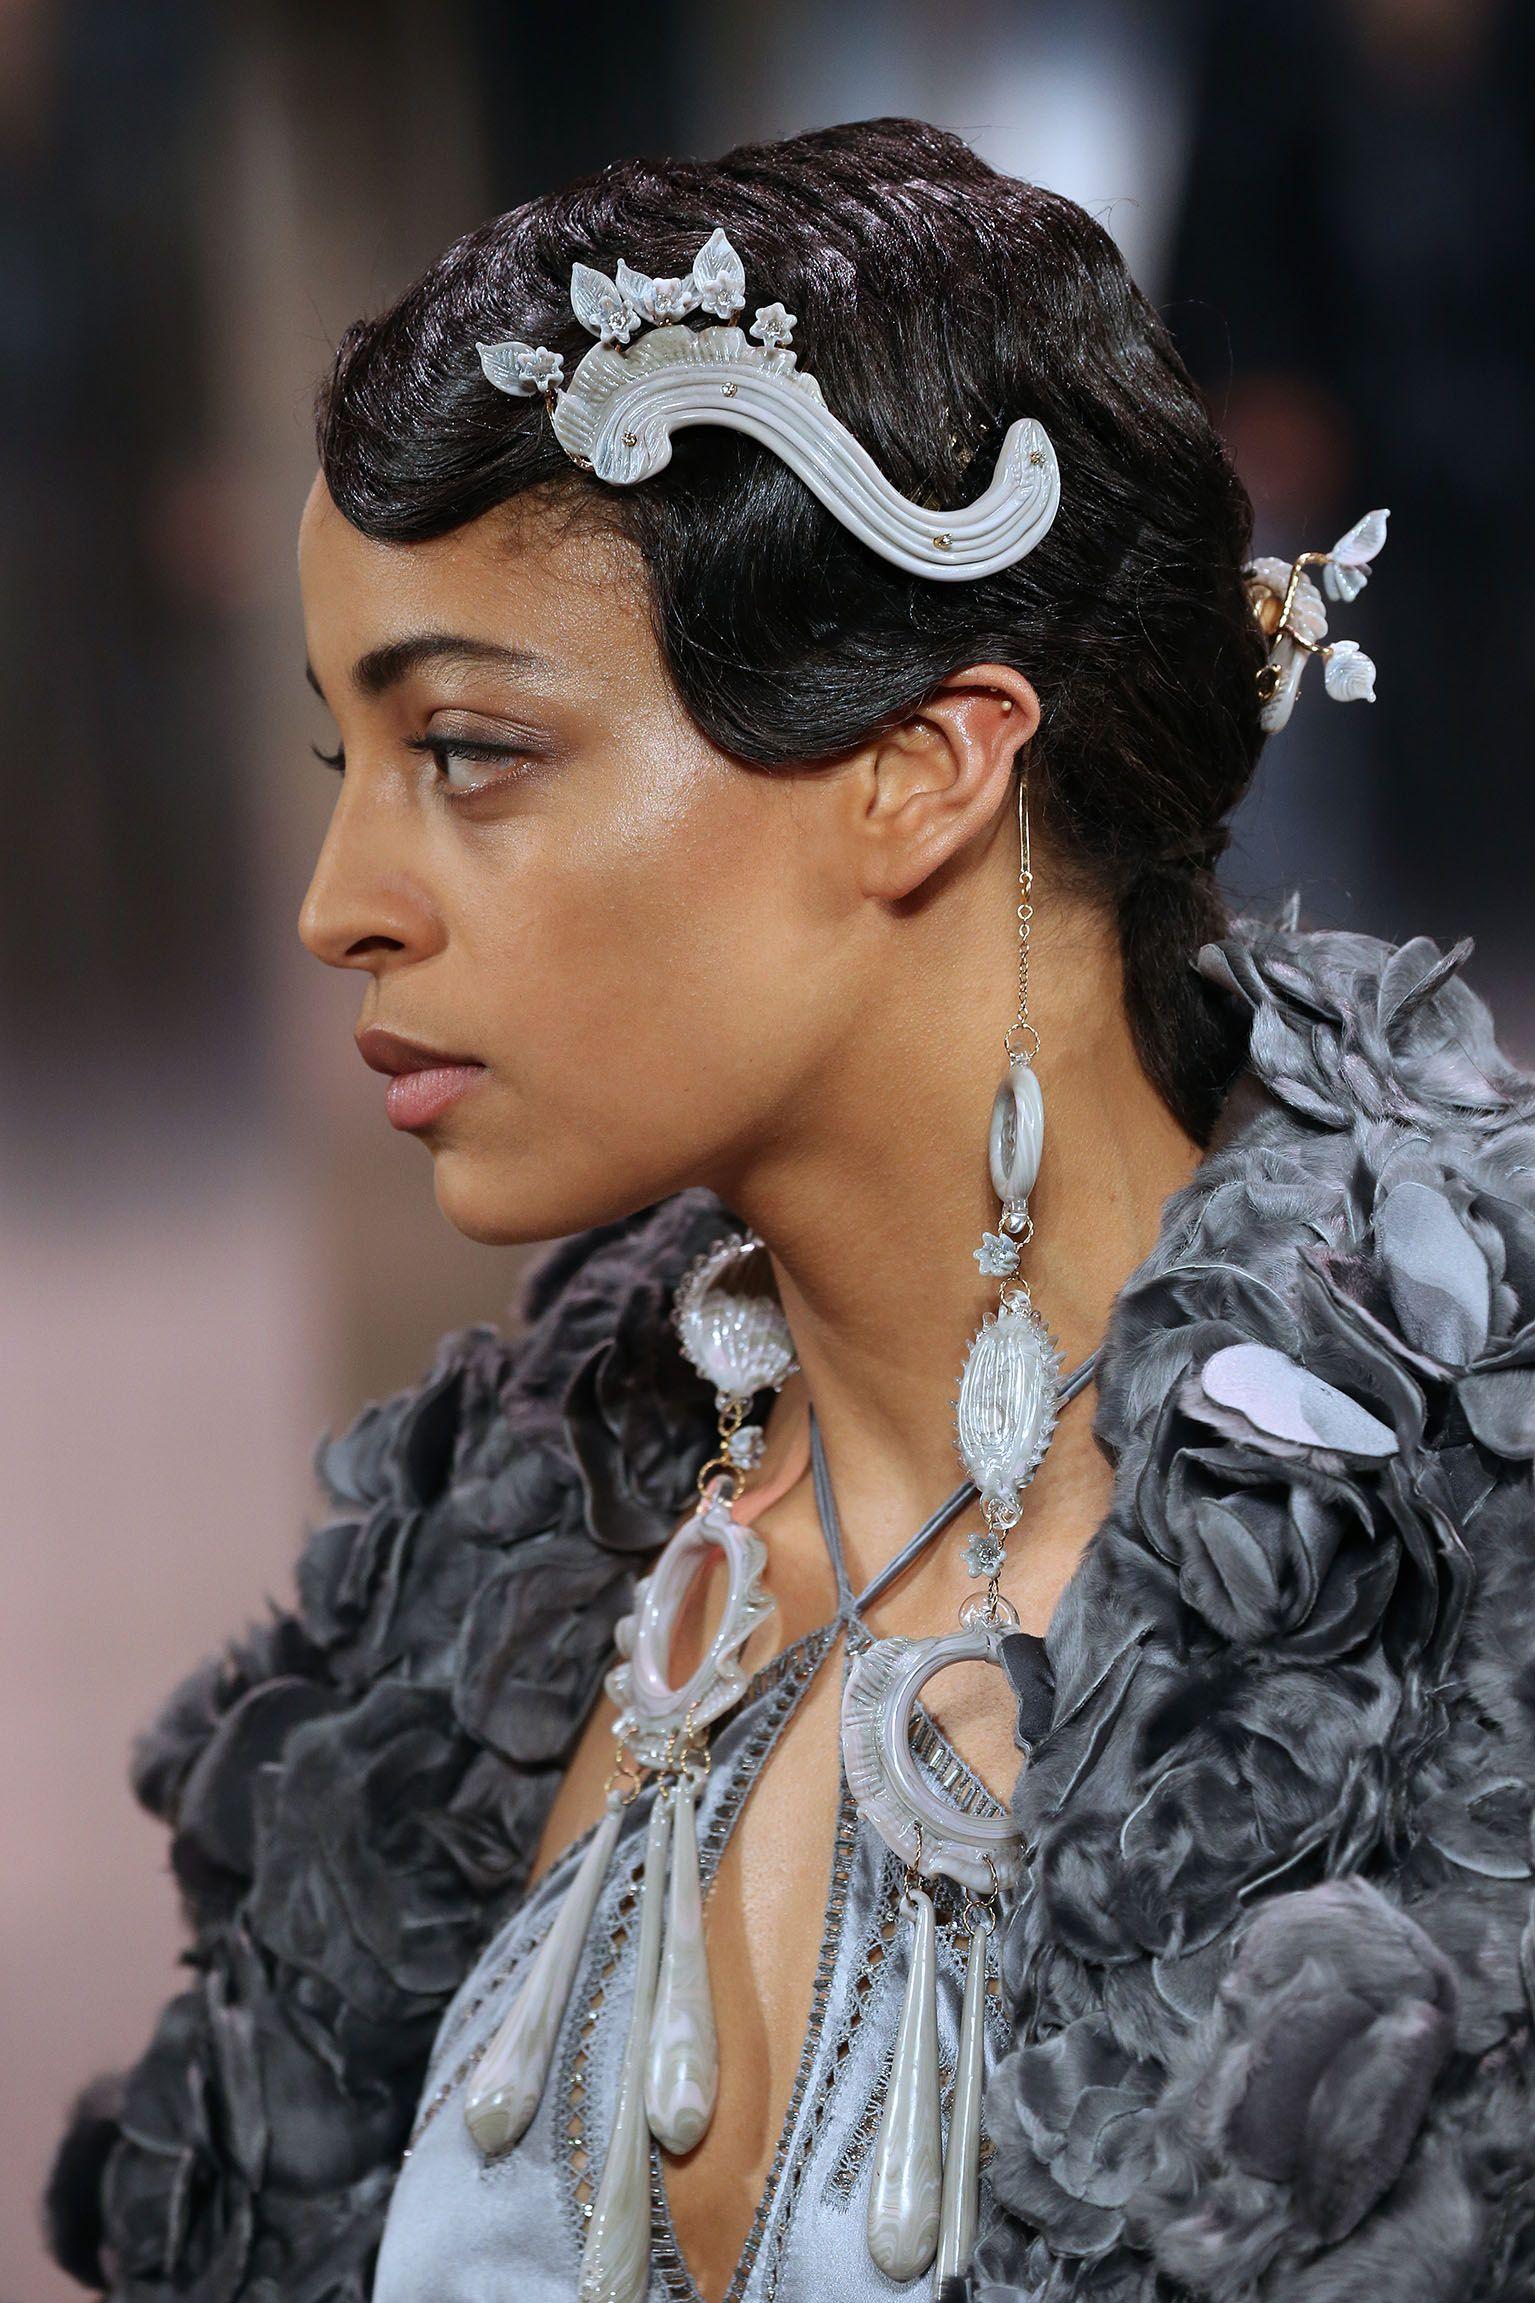 伍尔夫小说与意大利雕塑,为时装带来女性力量图3